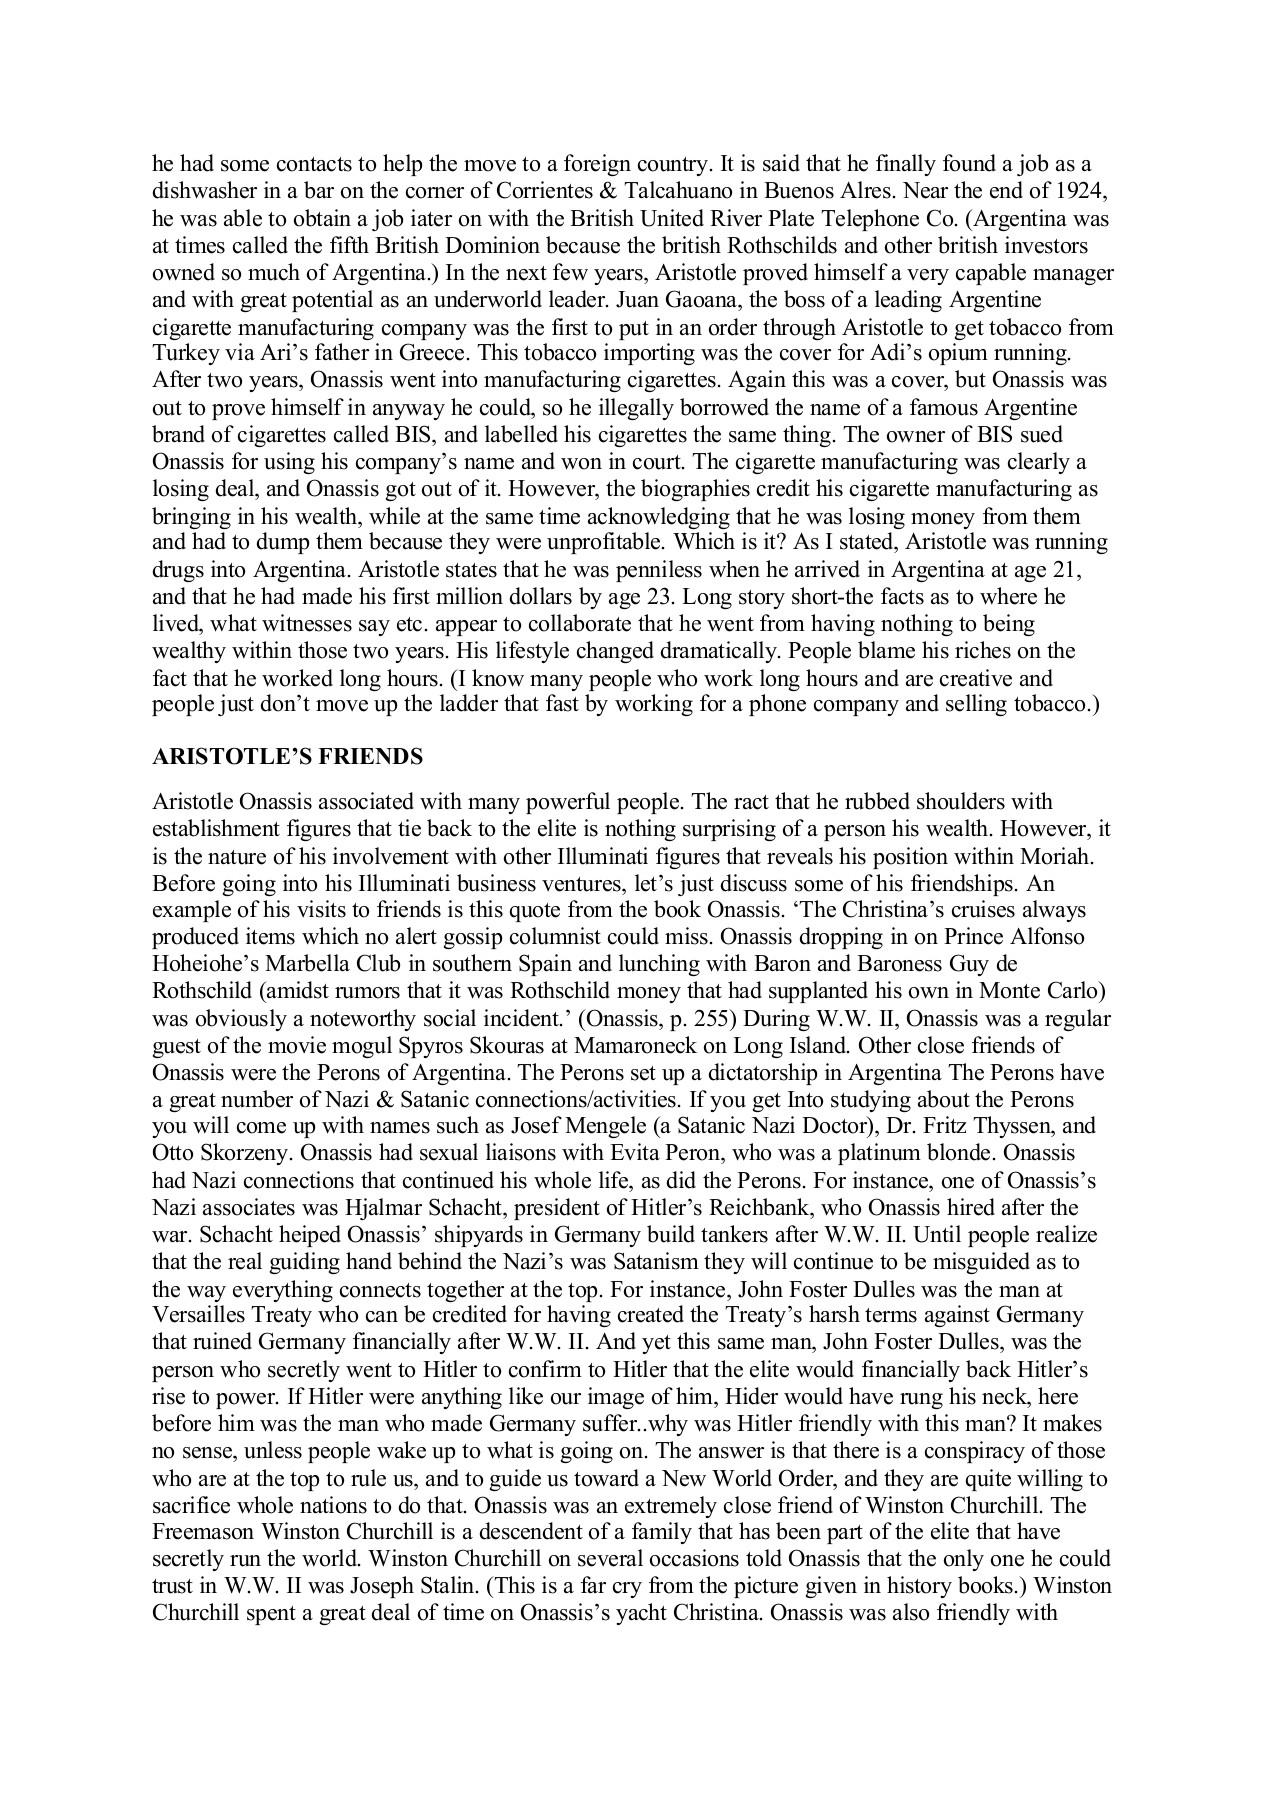 yoni netanyahu biography of martin